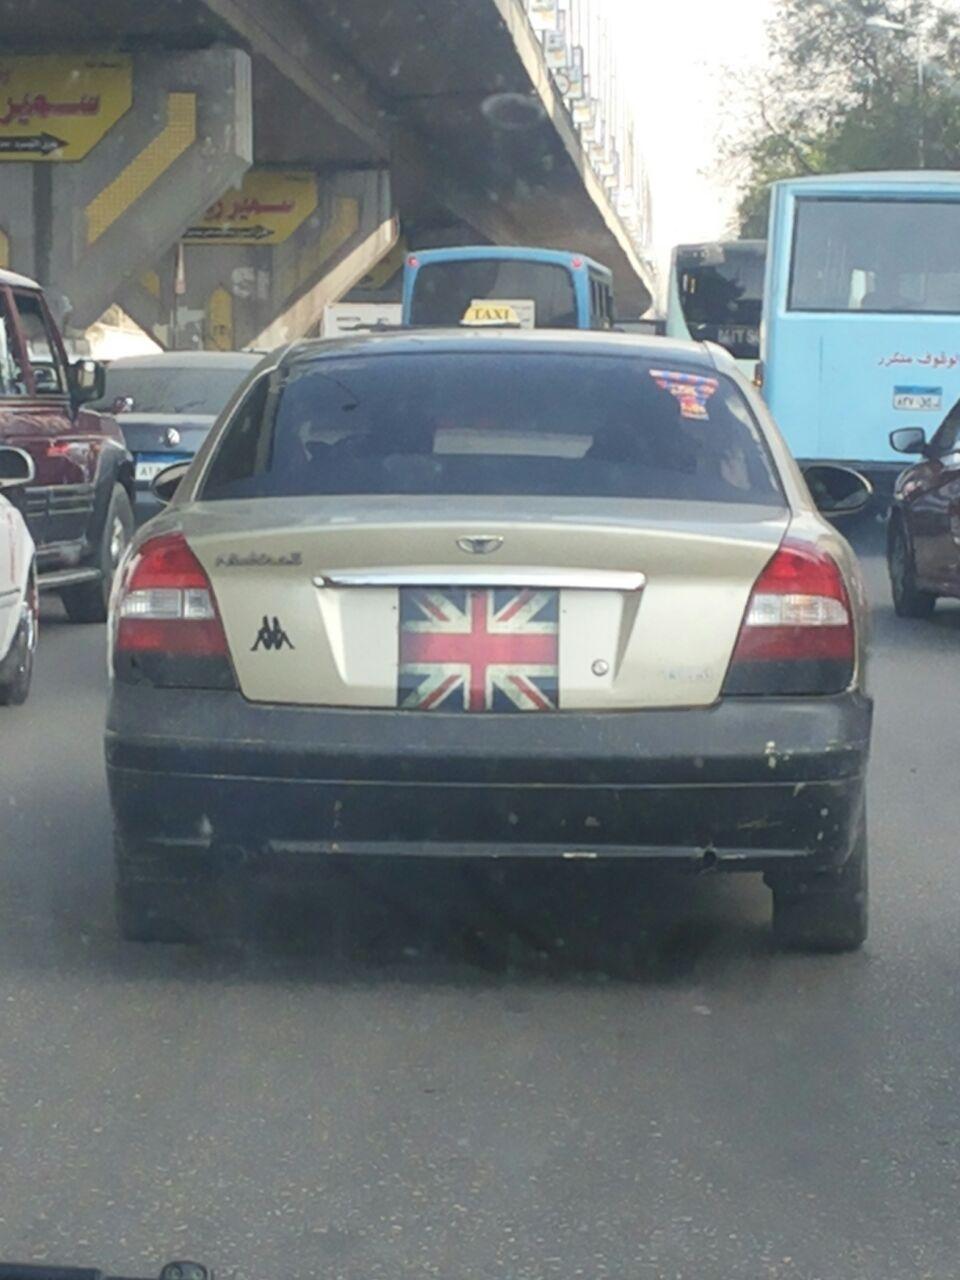 بالعلم البريطاني.. سيارة تتحرك بحرية في شوارع القاهرة دون لوحات معدنية